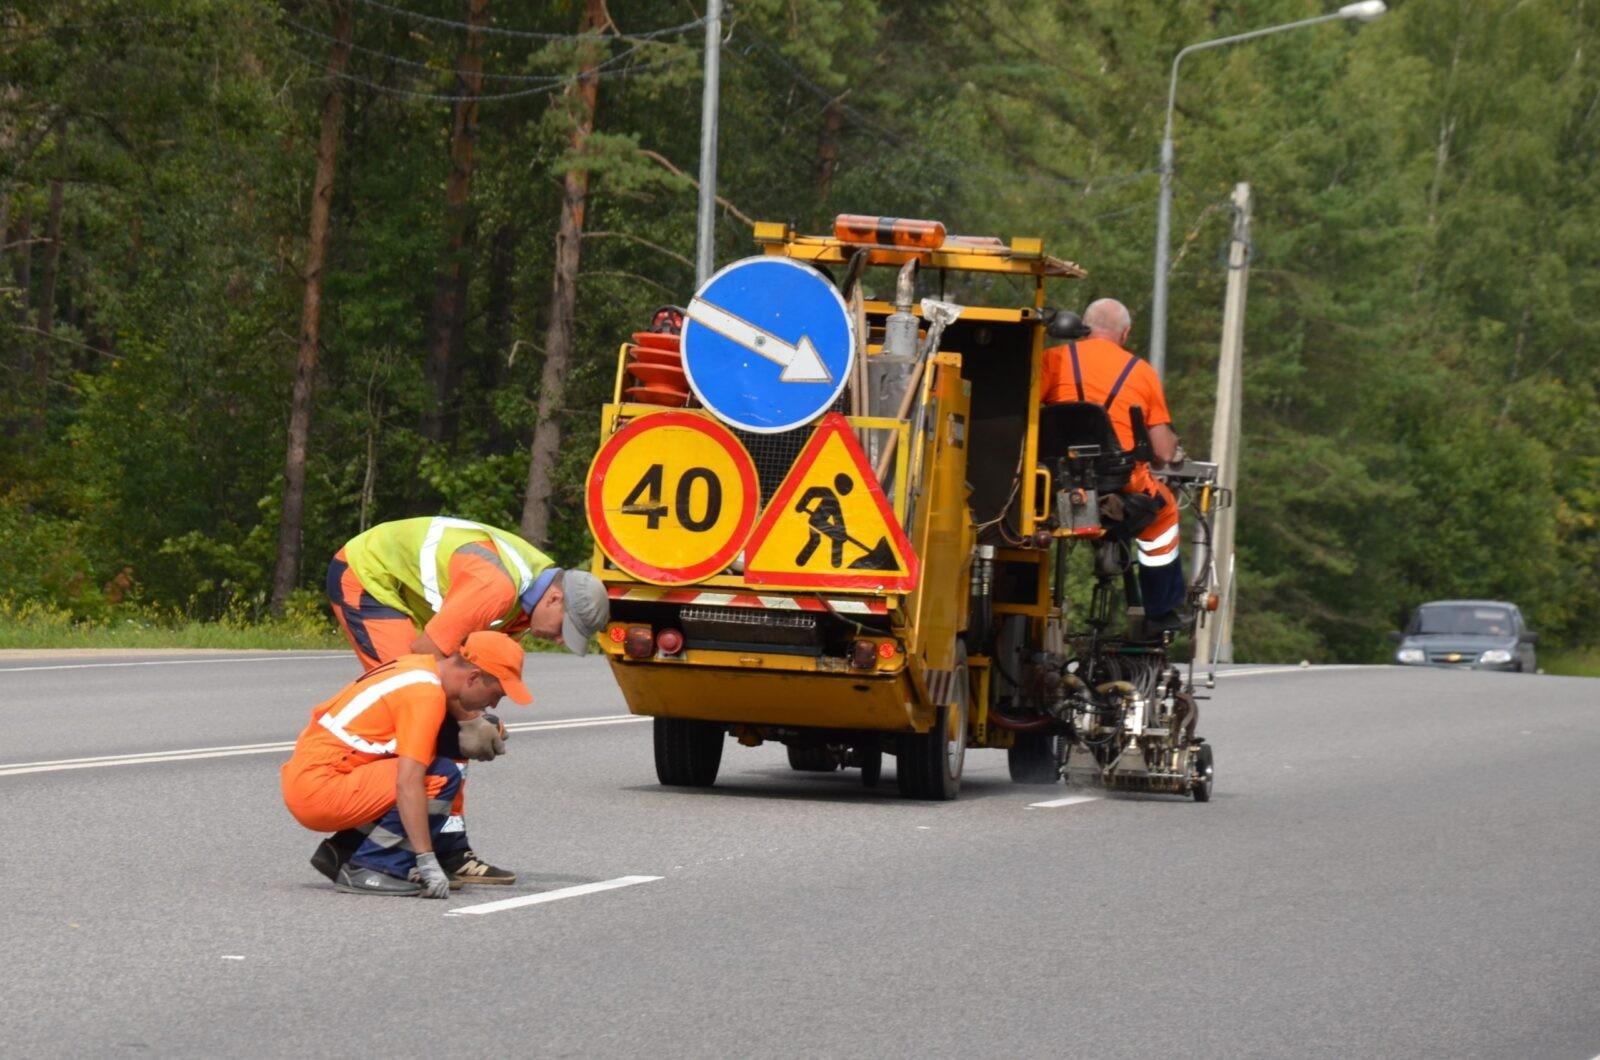 Около 260 км улиц Твери отремонтируют по национальному проекту «Безопасные и качественные дороги» в ближайшие пять лет